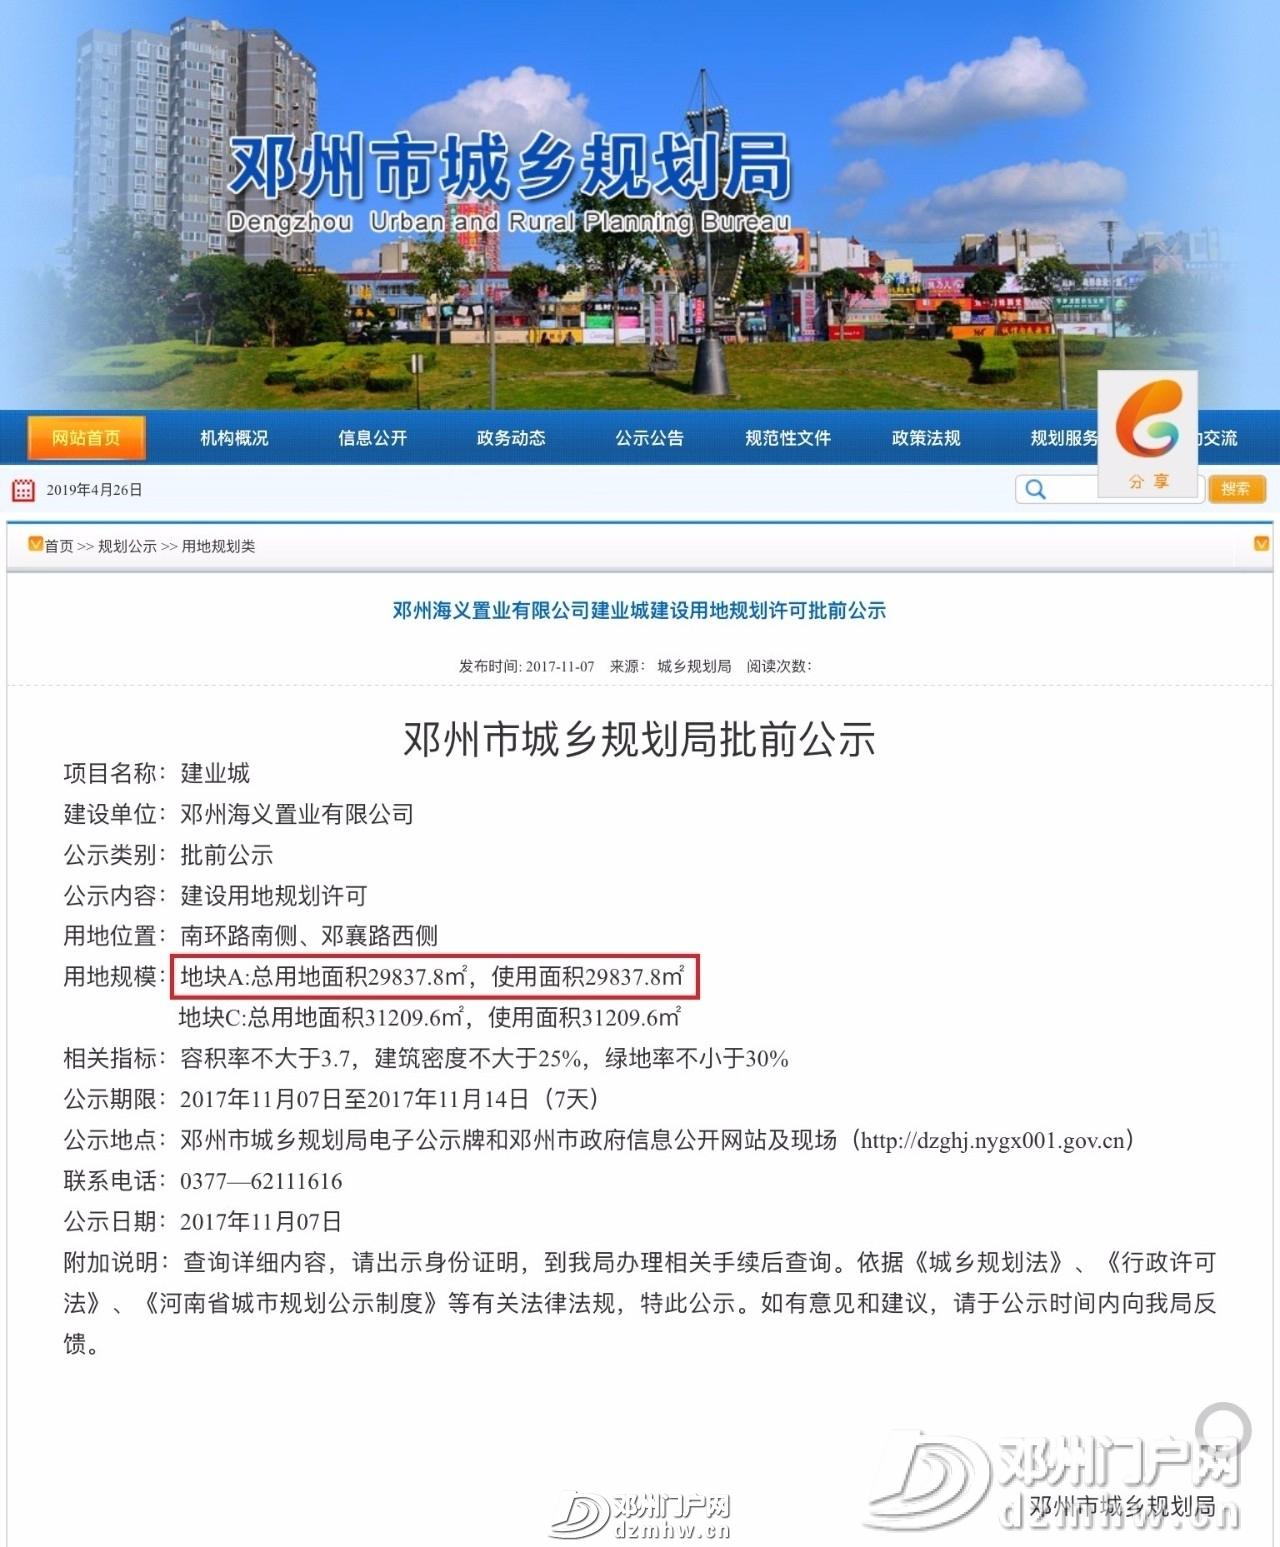 邓州建业城开发商被法院冻结4500万资产后又被查封3万平米土地 - 邓州门户网|邓州网 - 9e20316f73f0b2a46f8d103f744e93ef.jpg